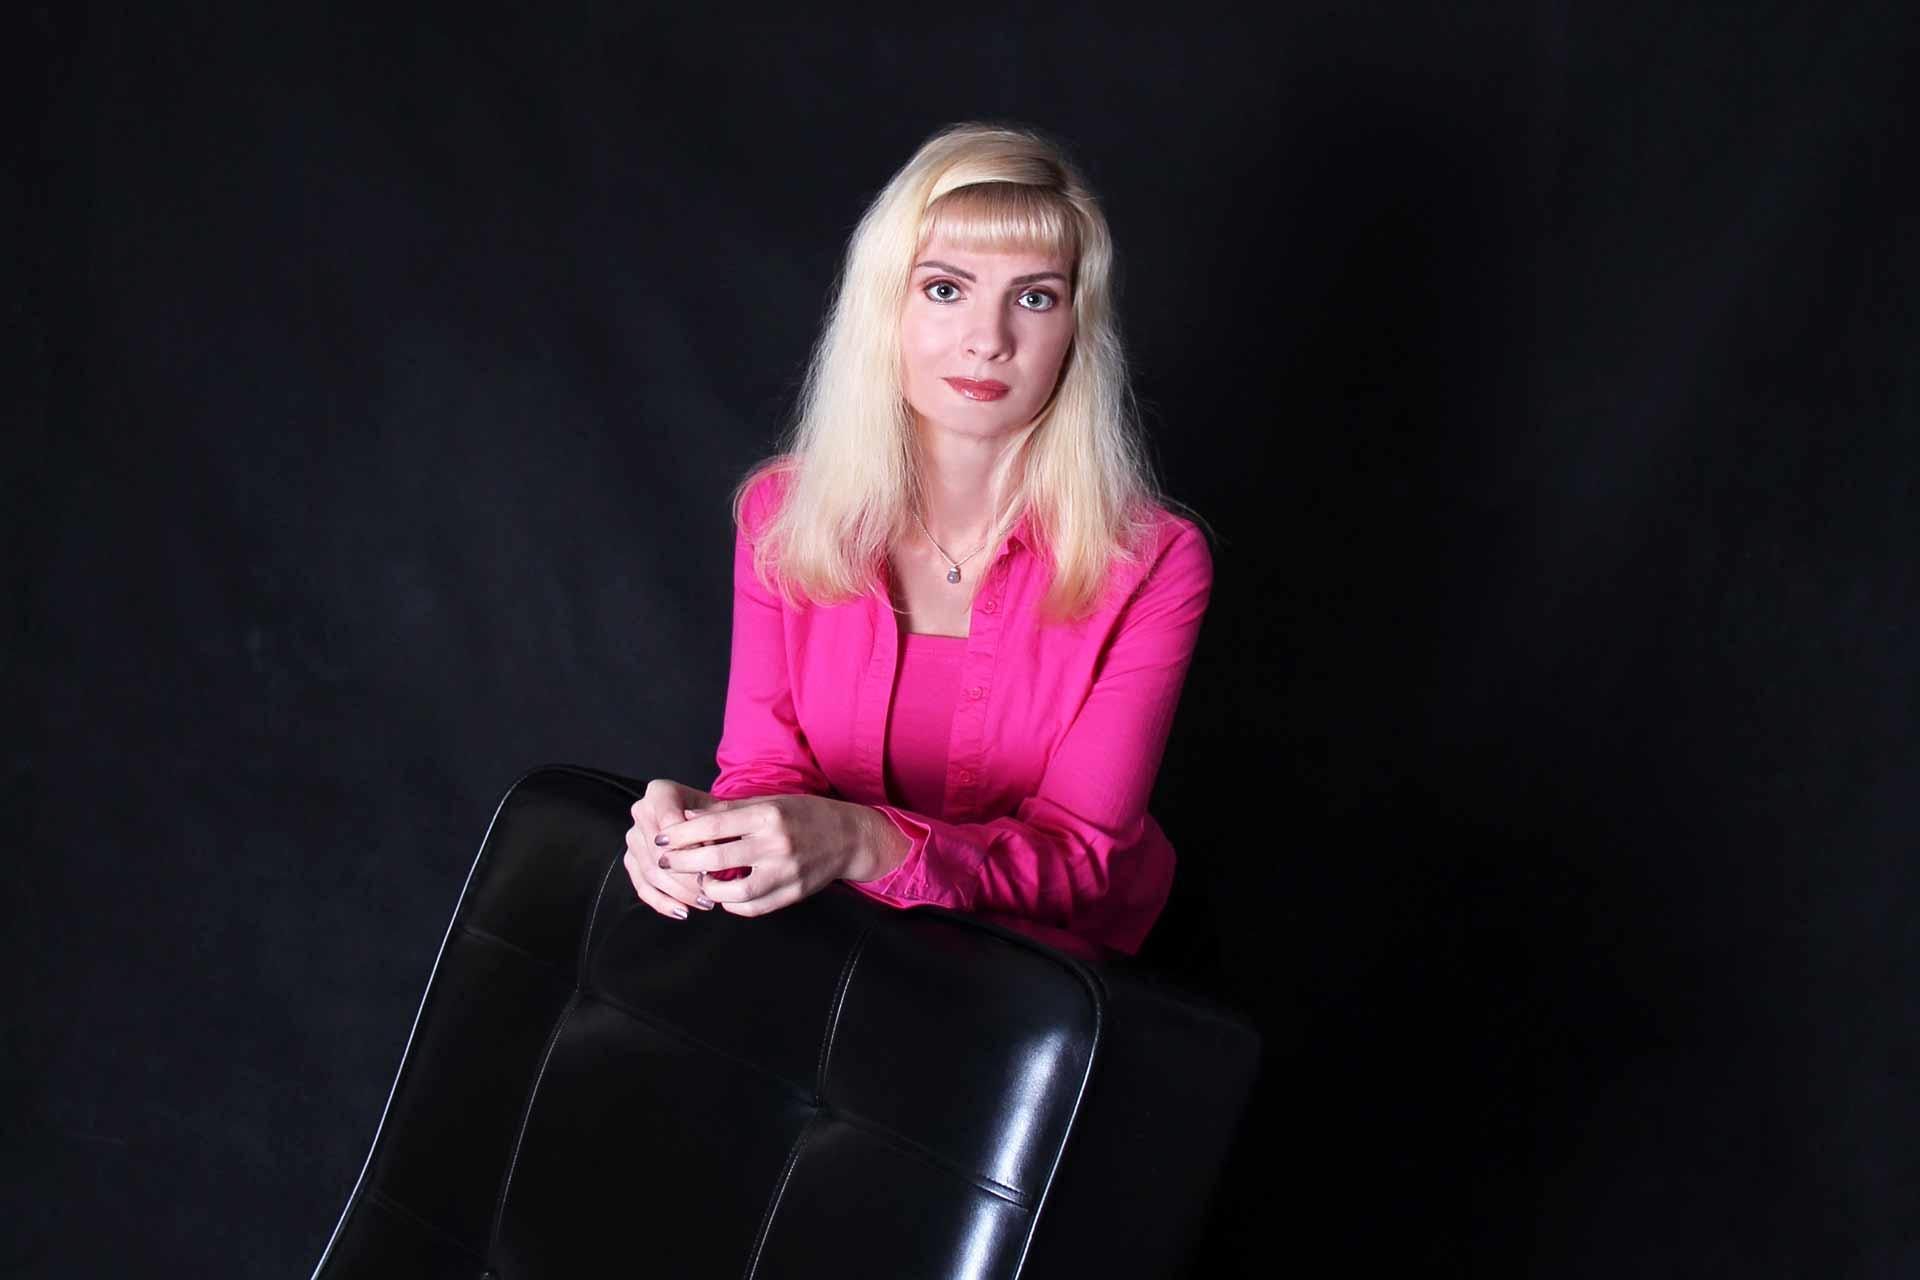 Спикер: Бокарева Вера, продажи, маркетинг, профессиональная и личная эффективность